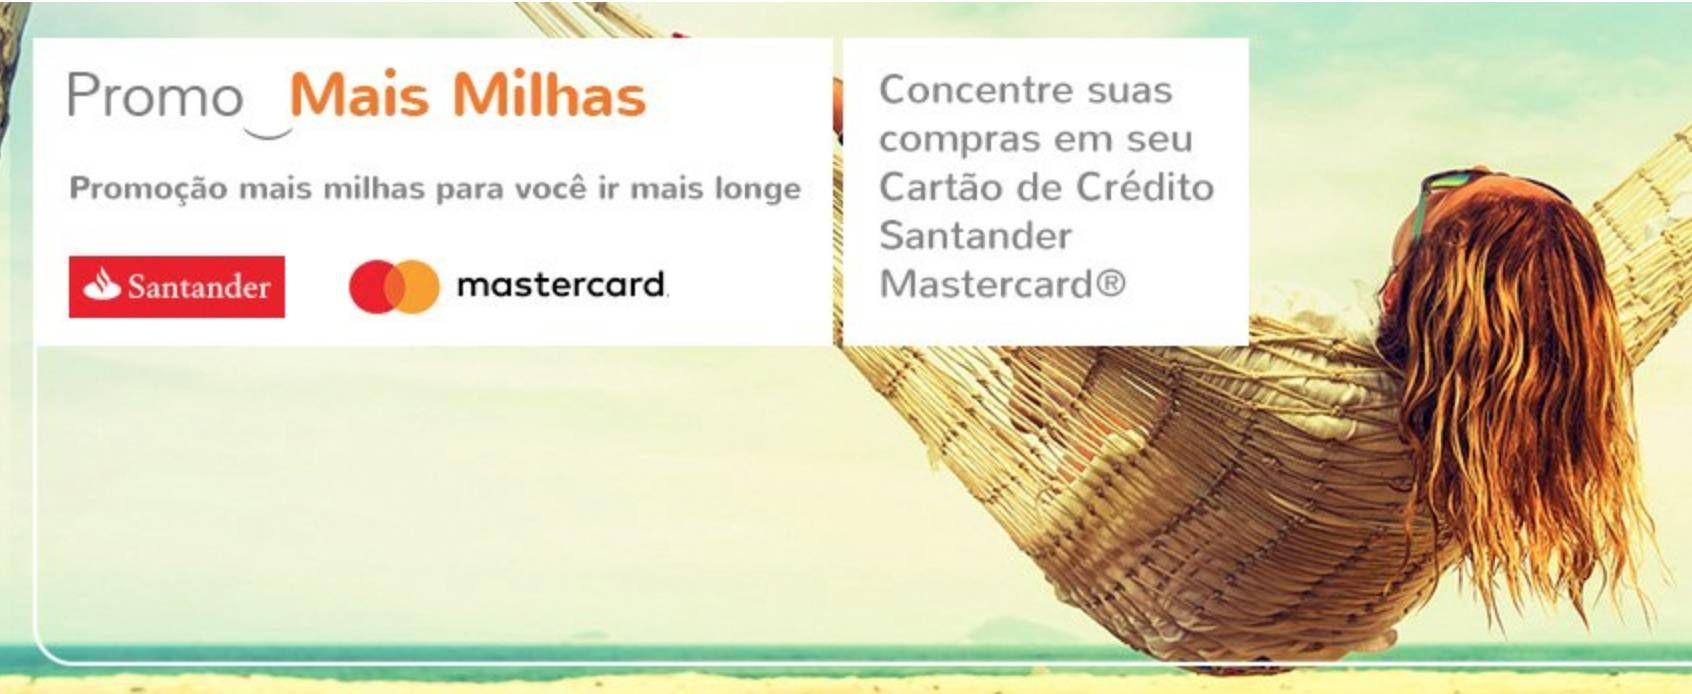 Use seu cartão Santander Mastercard e ganhe até 18.000 milhas